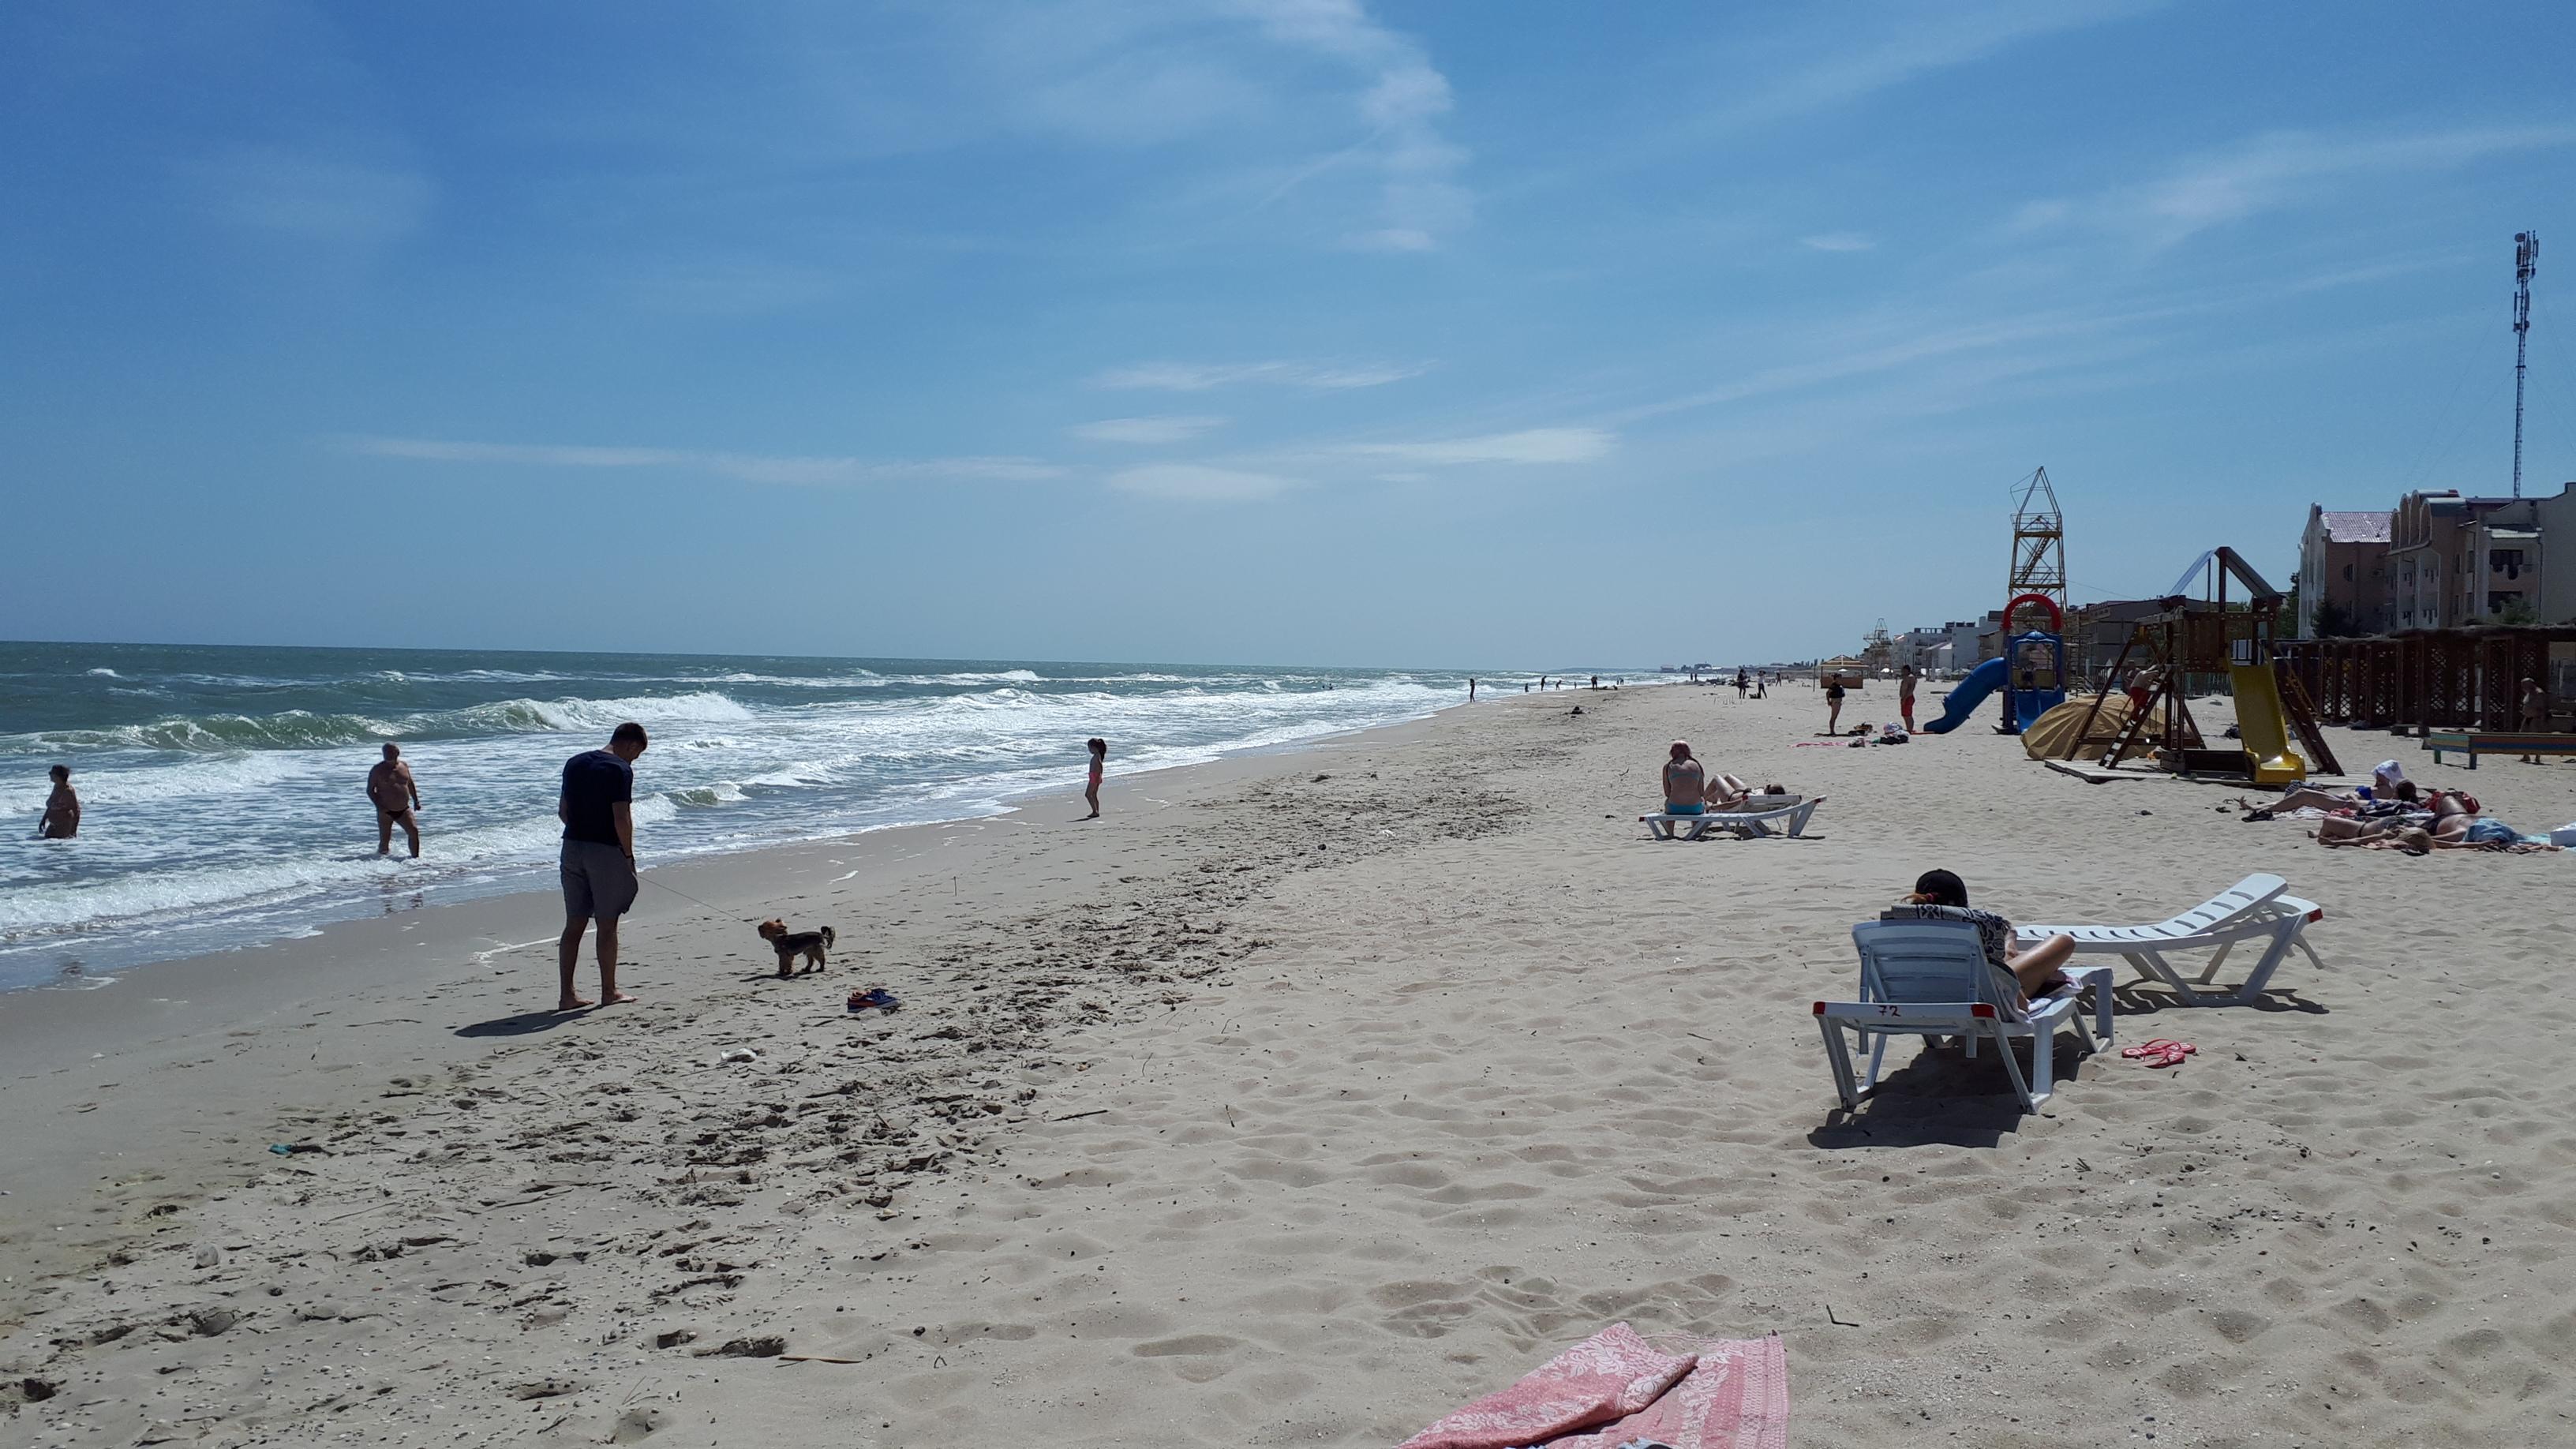 Затока центральный пляж и море май фото